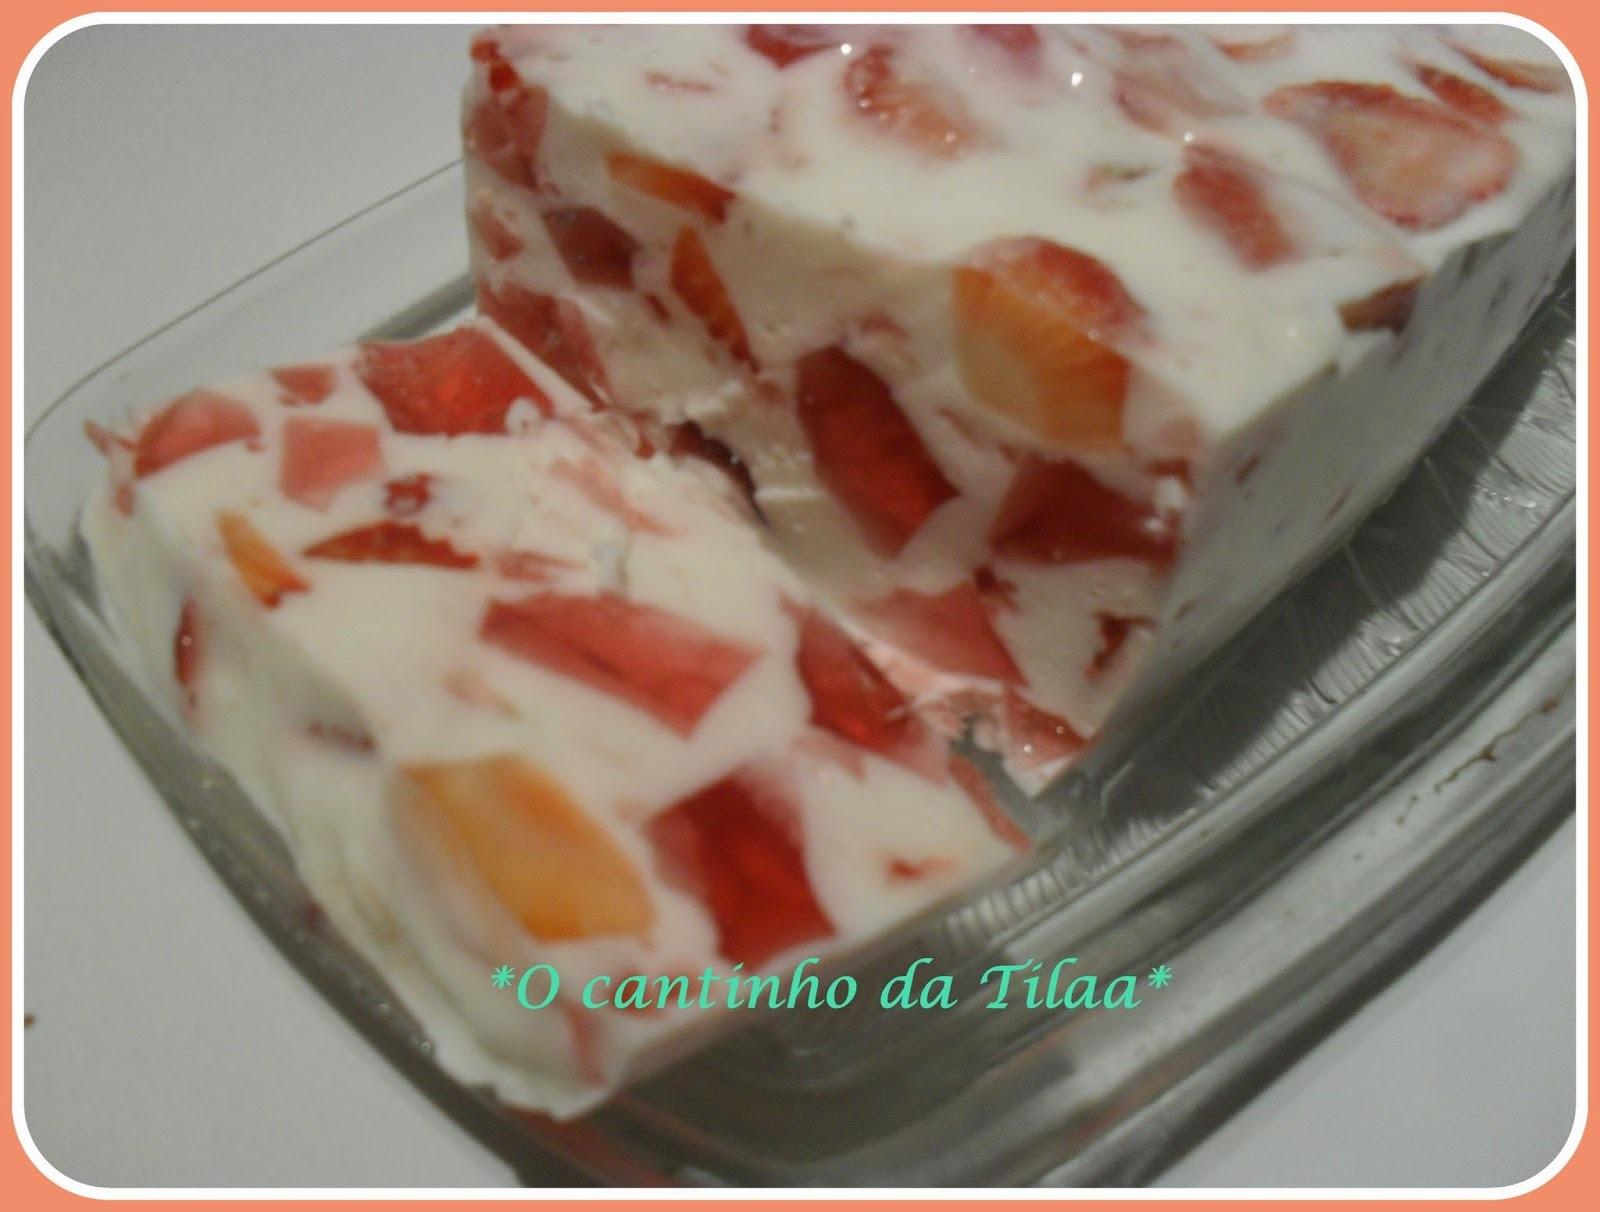 Sobremesa de gelatina, morangos e iogurte grego